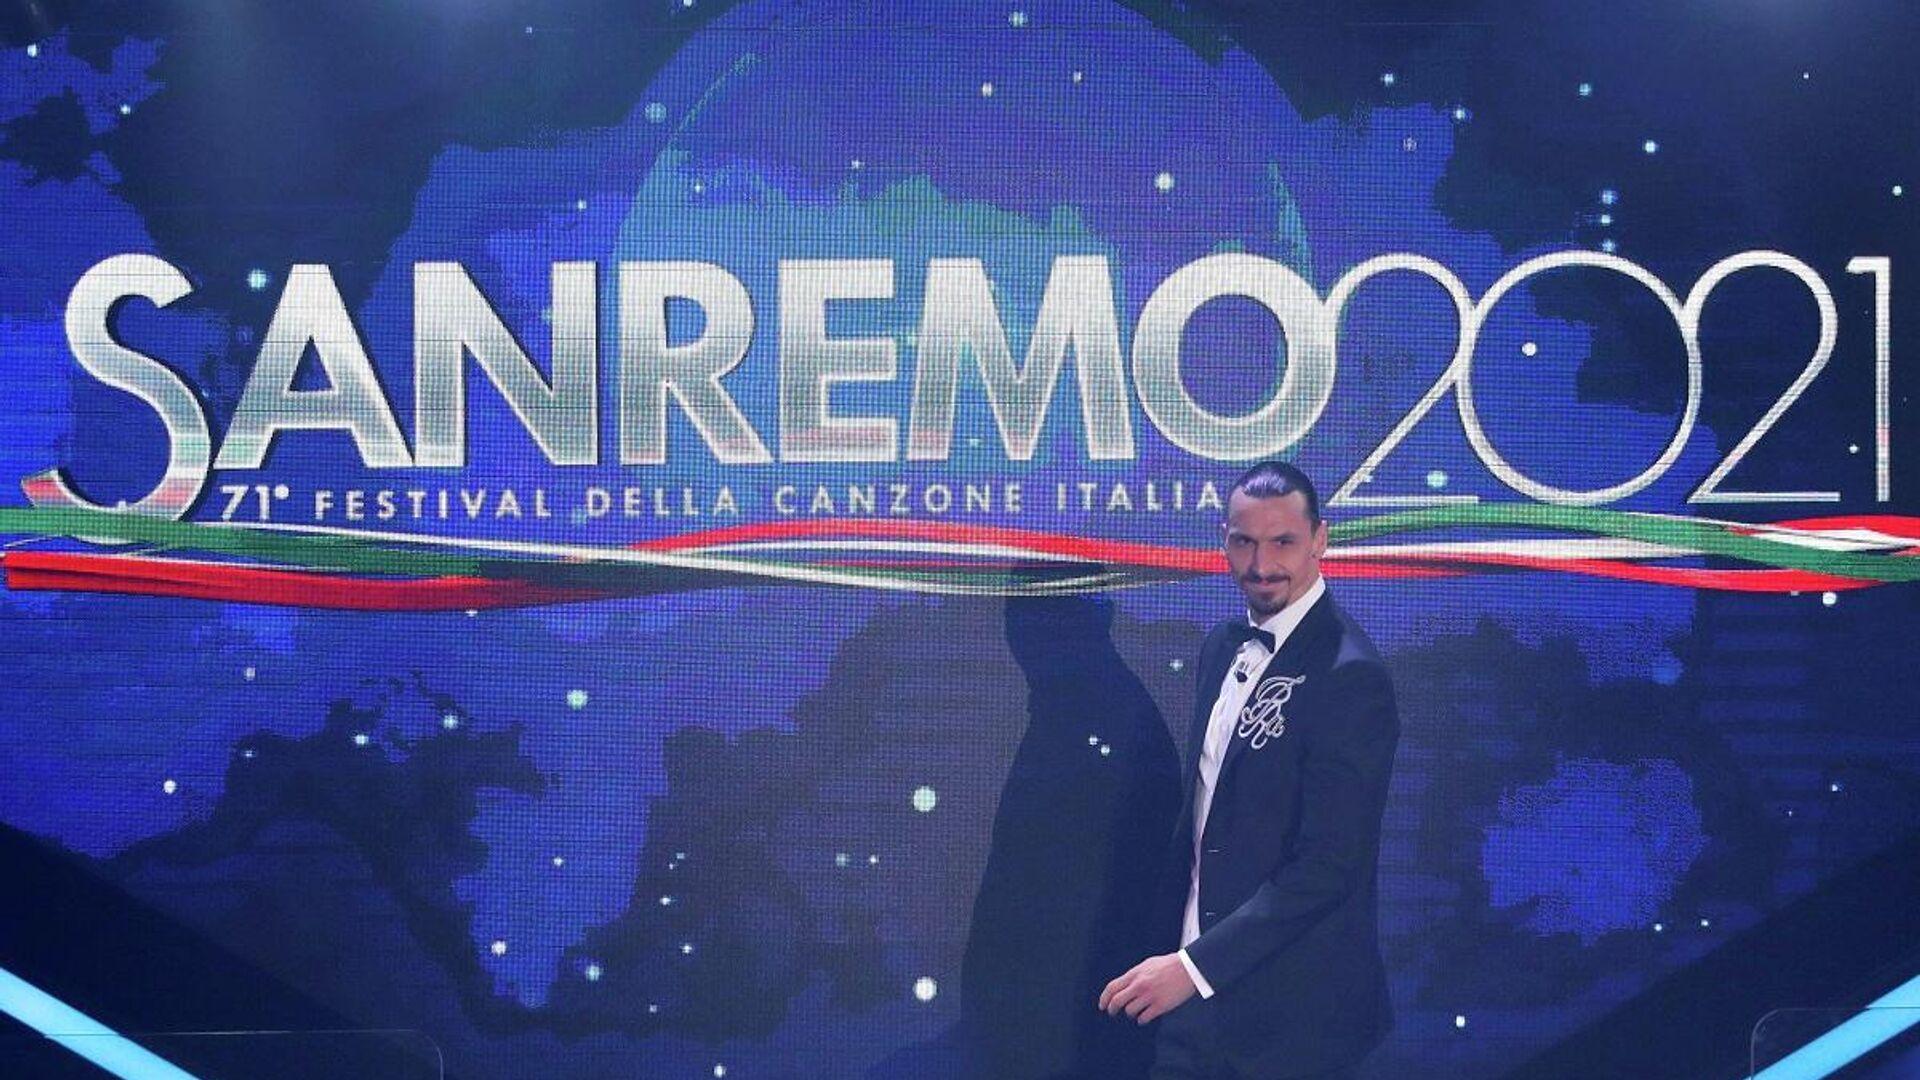 El icónico festival de San Remo abre sus puertas sin público  - Sputnik Mundo, 1920, 03.03.2021